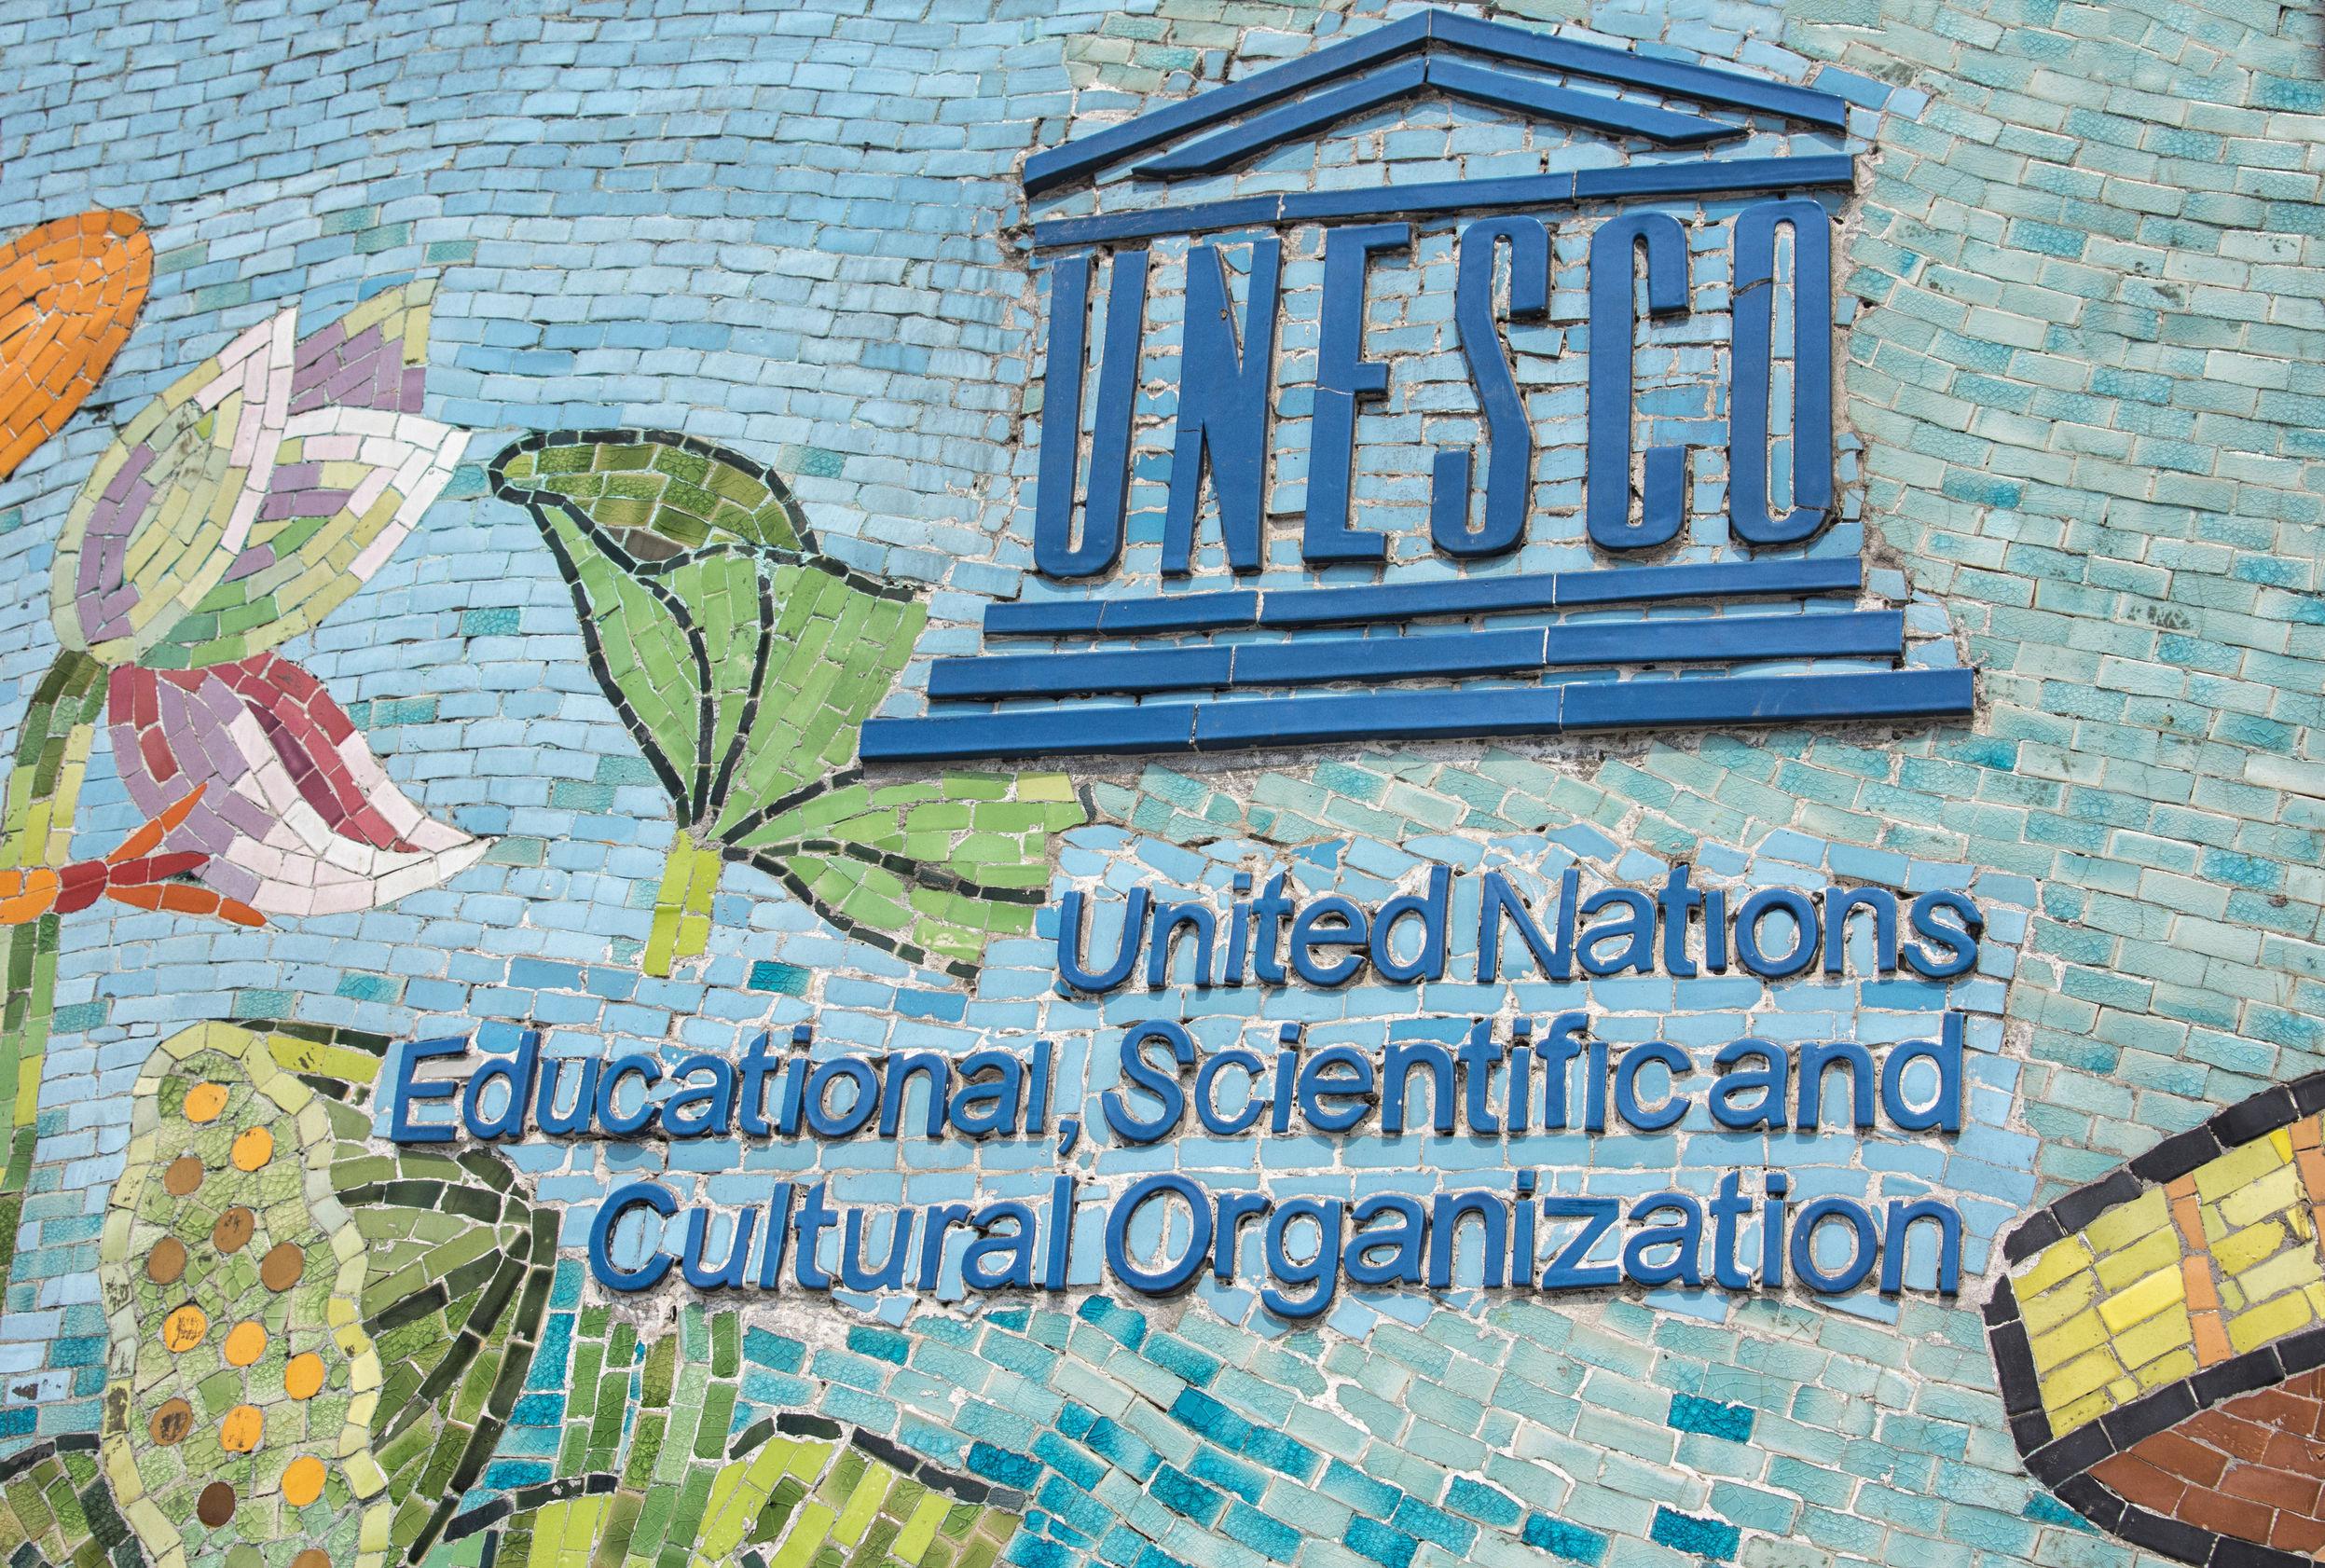 Israelul a notificat UNESCO în privinţa retragerii din organizaţie, pe fondul conflictului generat de statutul oraşului Ierusalim